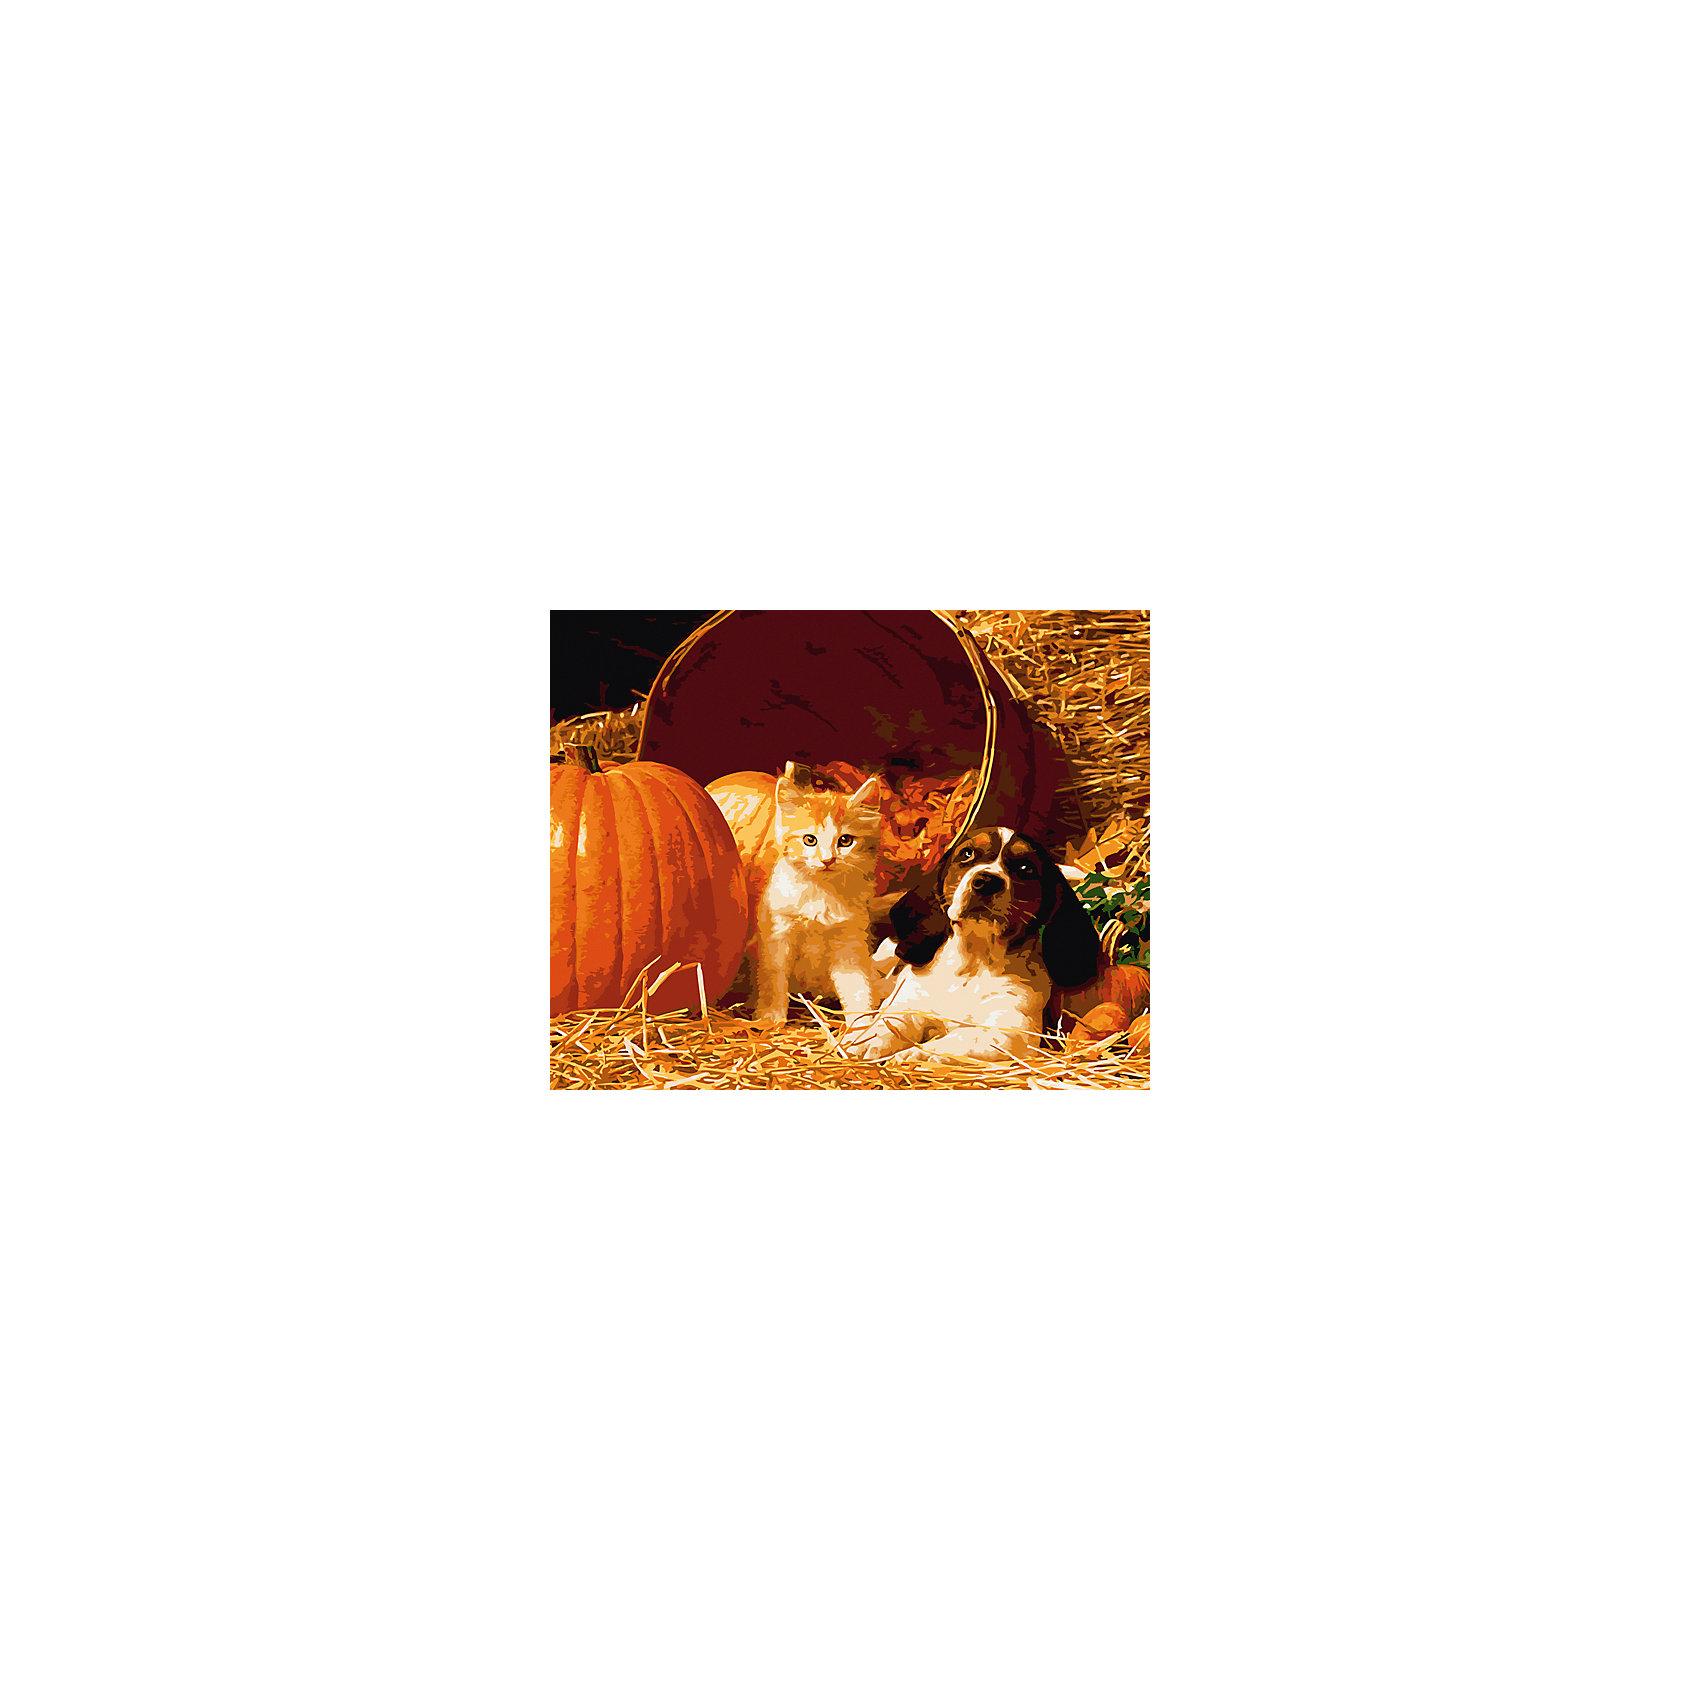 Холст с красками по номерам Котенок и щенок 40х50 смзамечательные наборы для создания уникального шедевра изобразительного искусства. Создание картин на специально подготовленной рабочей поверхности – это уникальная техника, позволяющая делать Ваши шедевры более яркими и реалистичными. Просто нанесите мазки на уже готовый эскиз и оживите картину! Готовые изделия могут стать украшением интерьера или прекрасным подарком близким и друзьям.<br><br>Ширина мм: 510<br>Глубина мм: 410<br>Высота мм: 25<br>Вес г: 900<br>Возраст от месяцев: 36<br>Возраст до месяцев: 108<br>Пол: Унисекс<br>Возраст: Детский<br>SKU: 5096772